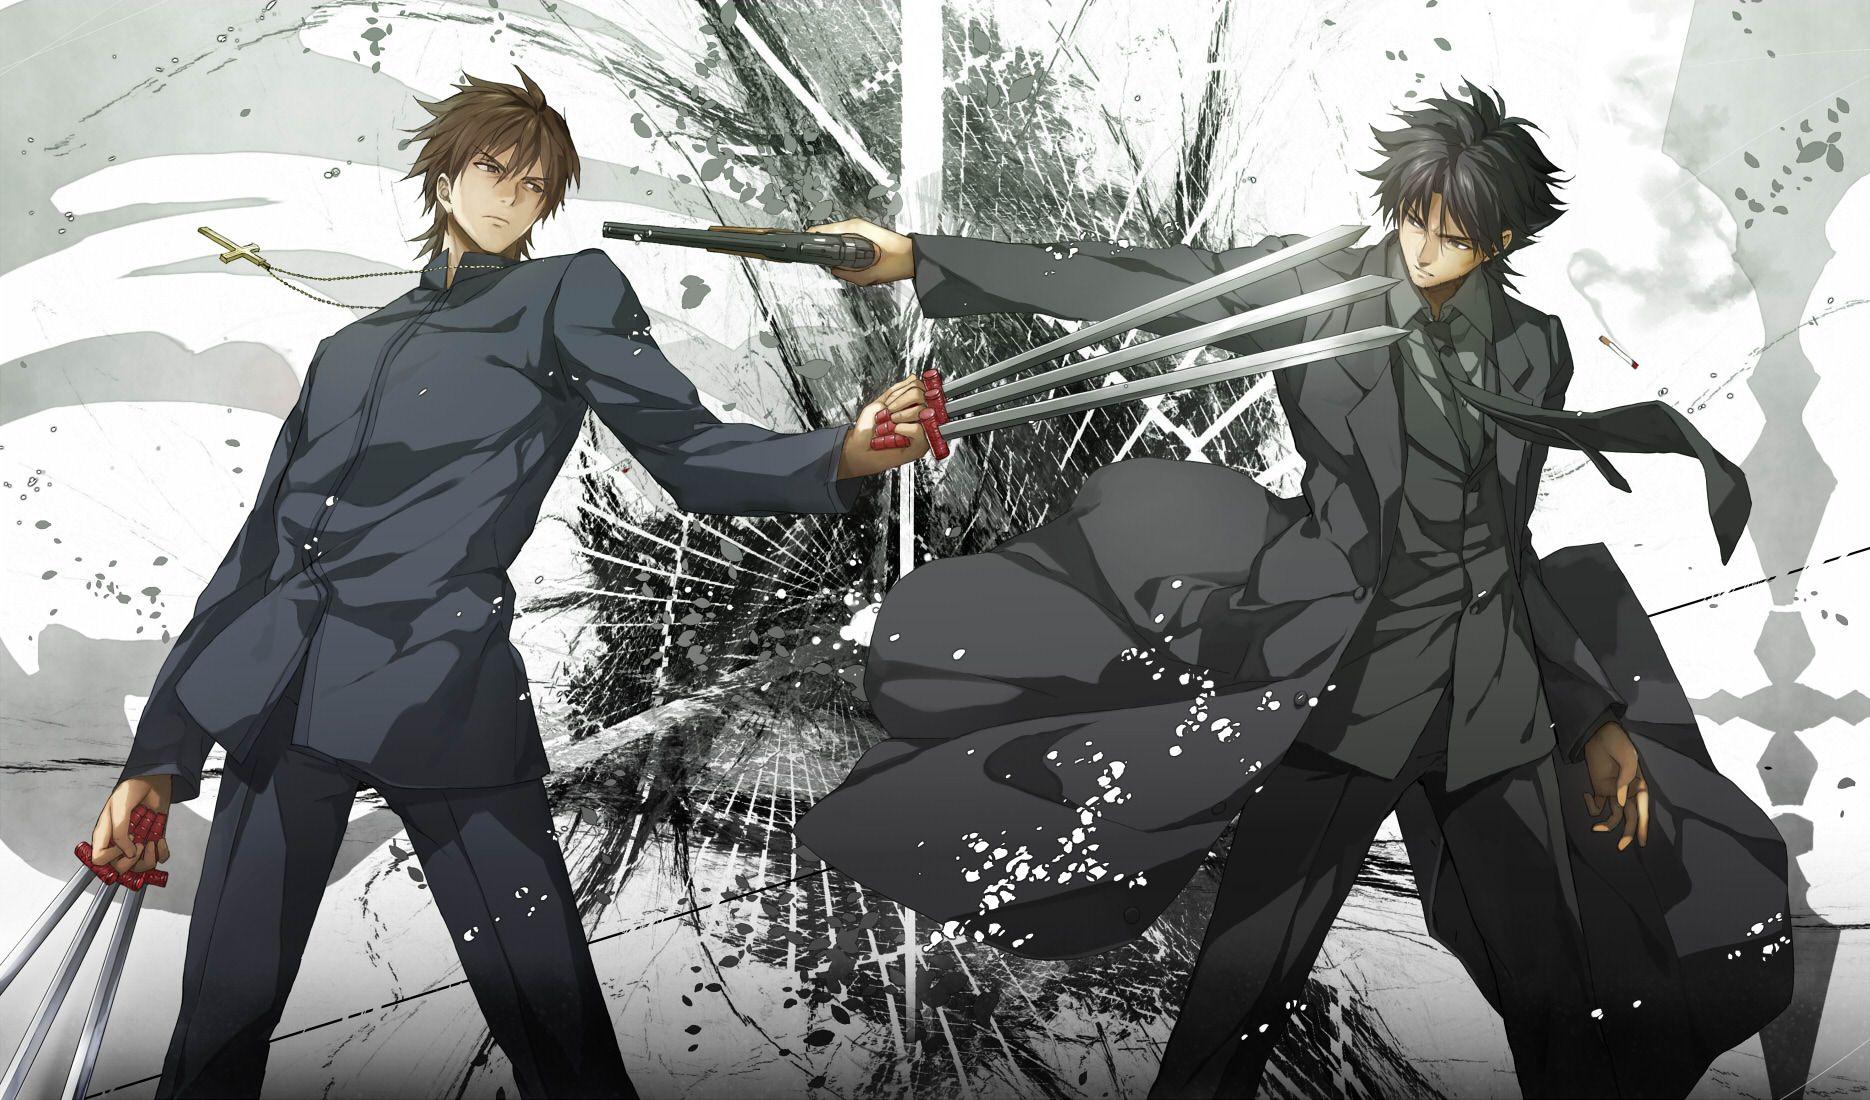 Kotomine Kirei Vs Emiya Kiritsugu From Fate Zero One Of The